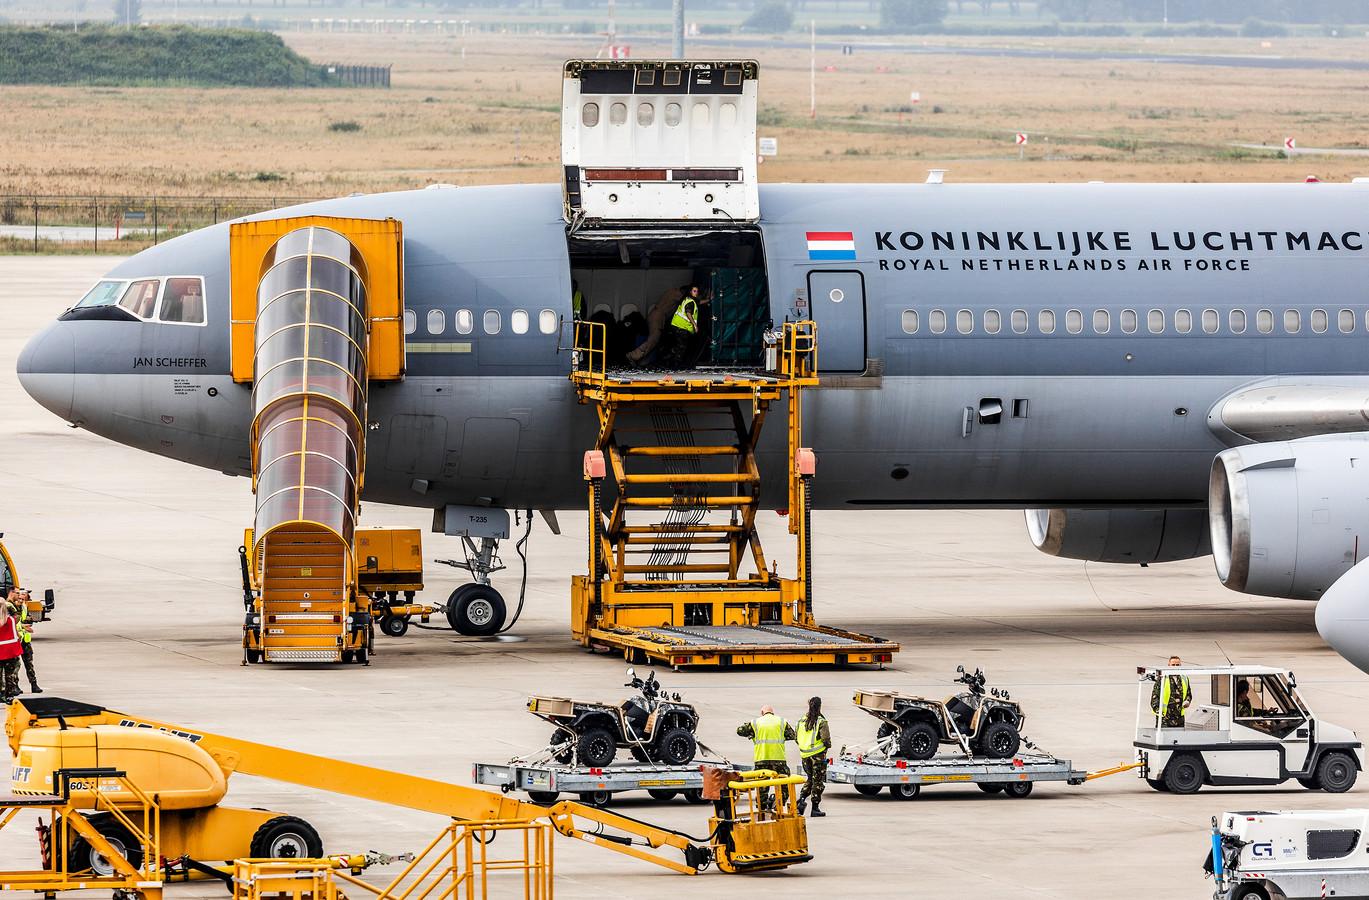 Een vliegtuig van de Nederlandse Luchtmacht wordt geladen met militair materieel.